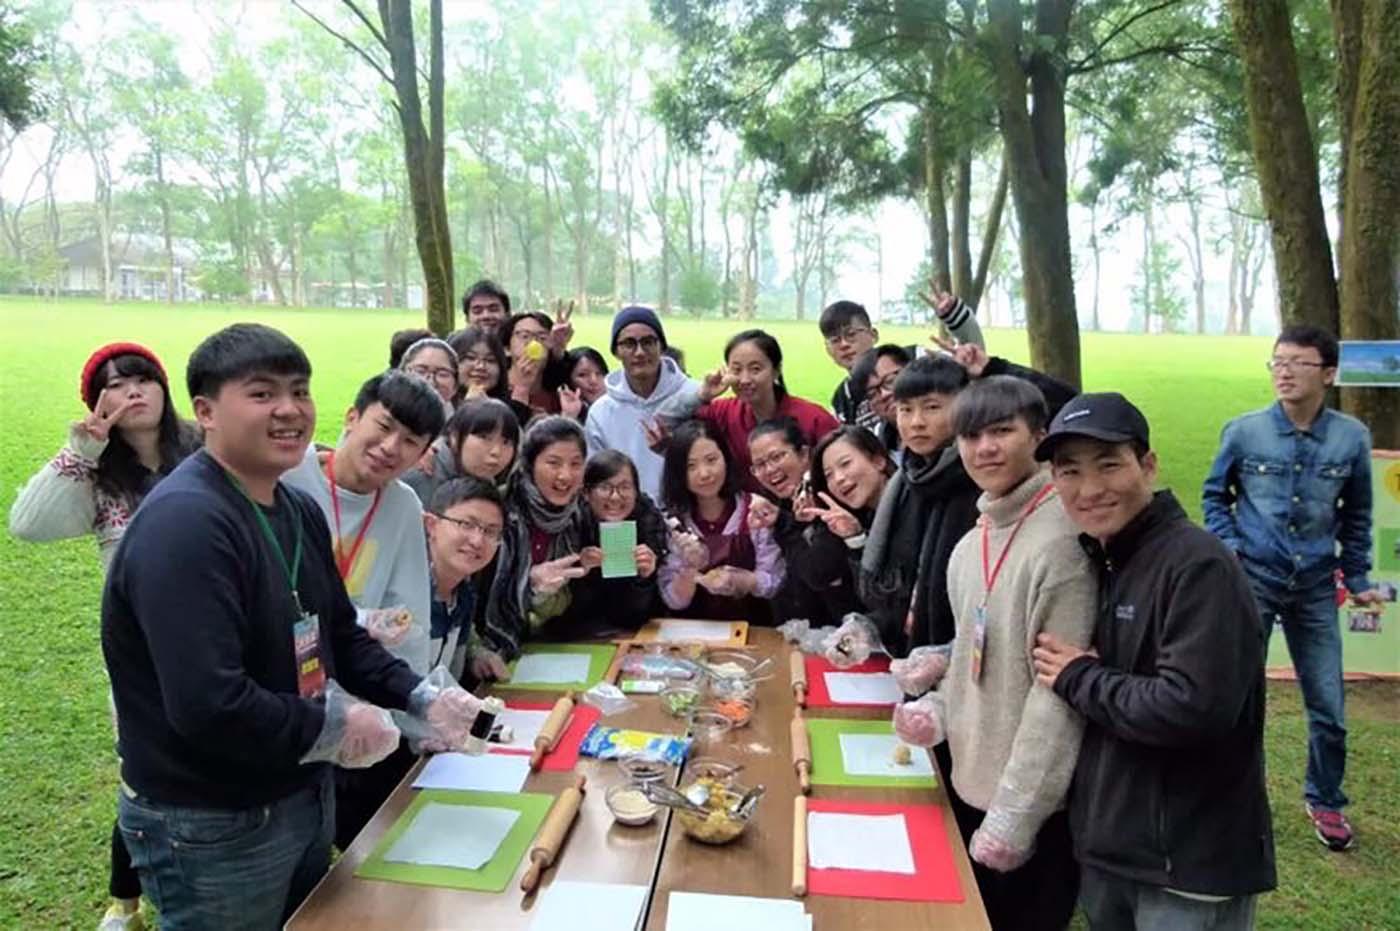 中學生烹飪示範活動